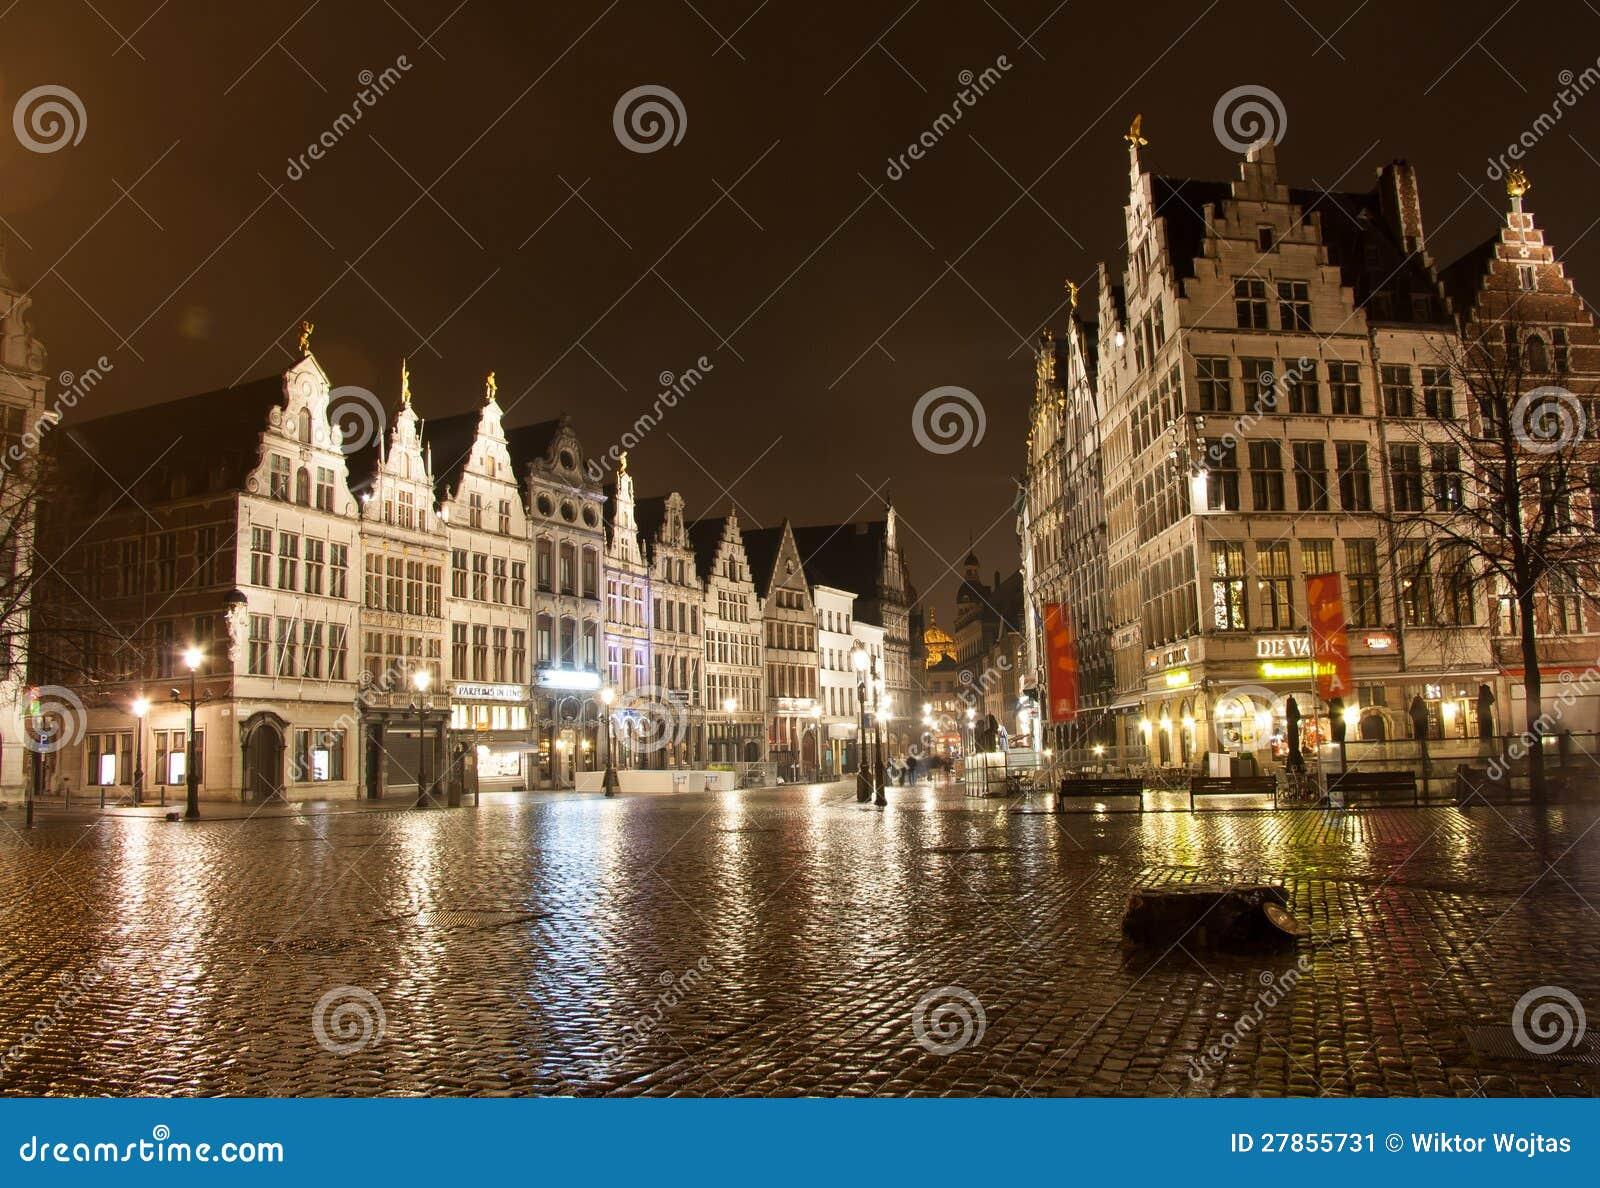 Stary miasteczko w Antwerp przy noc - Belgia -